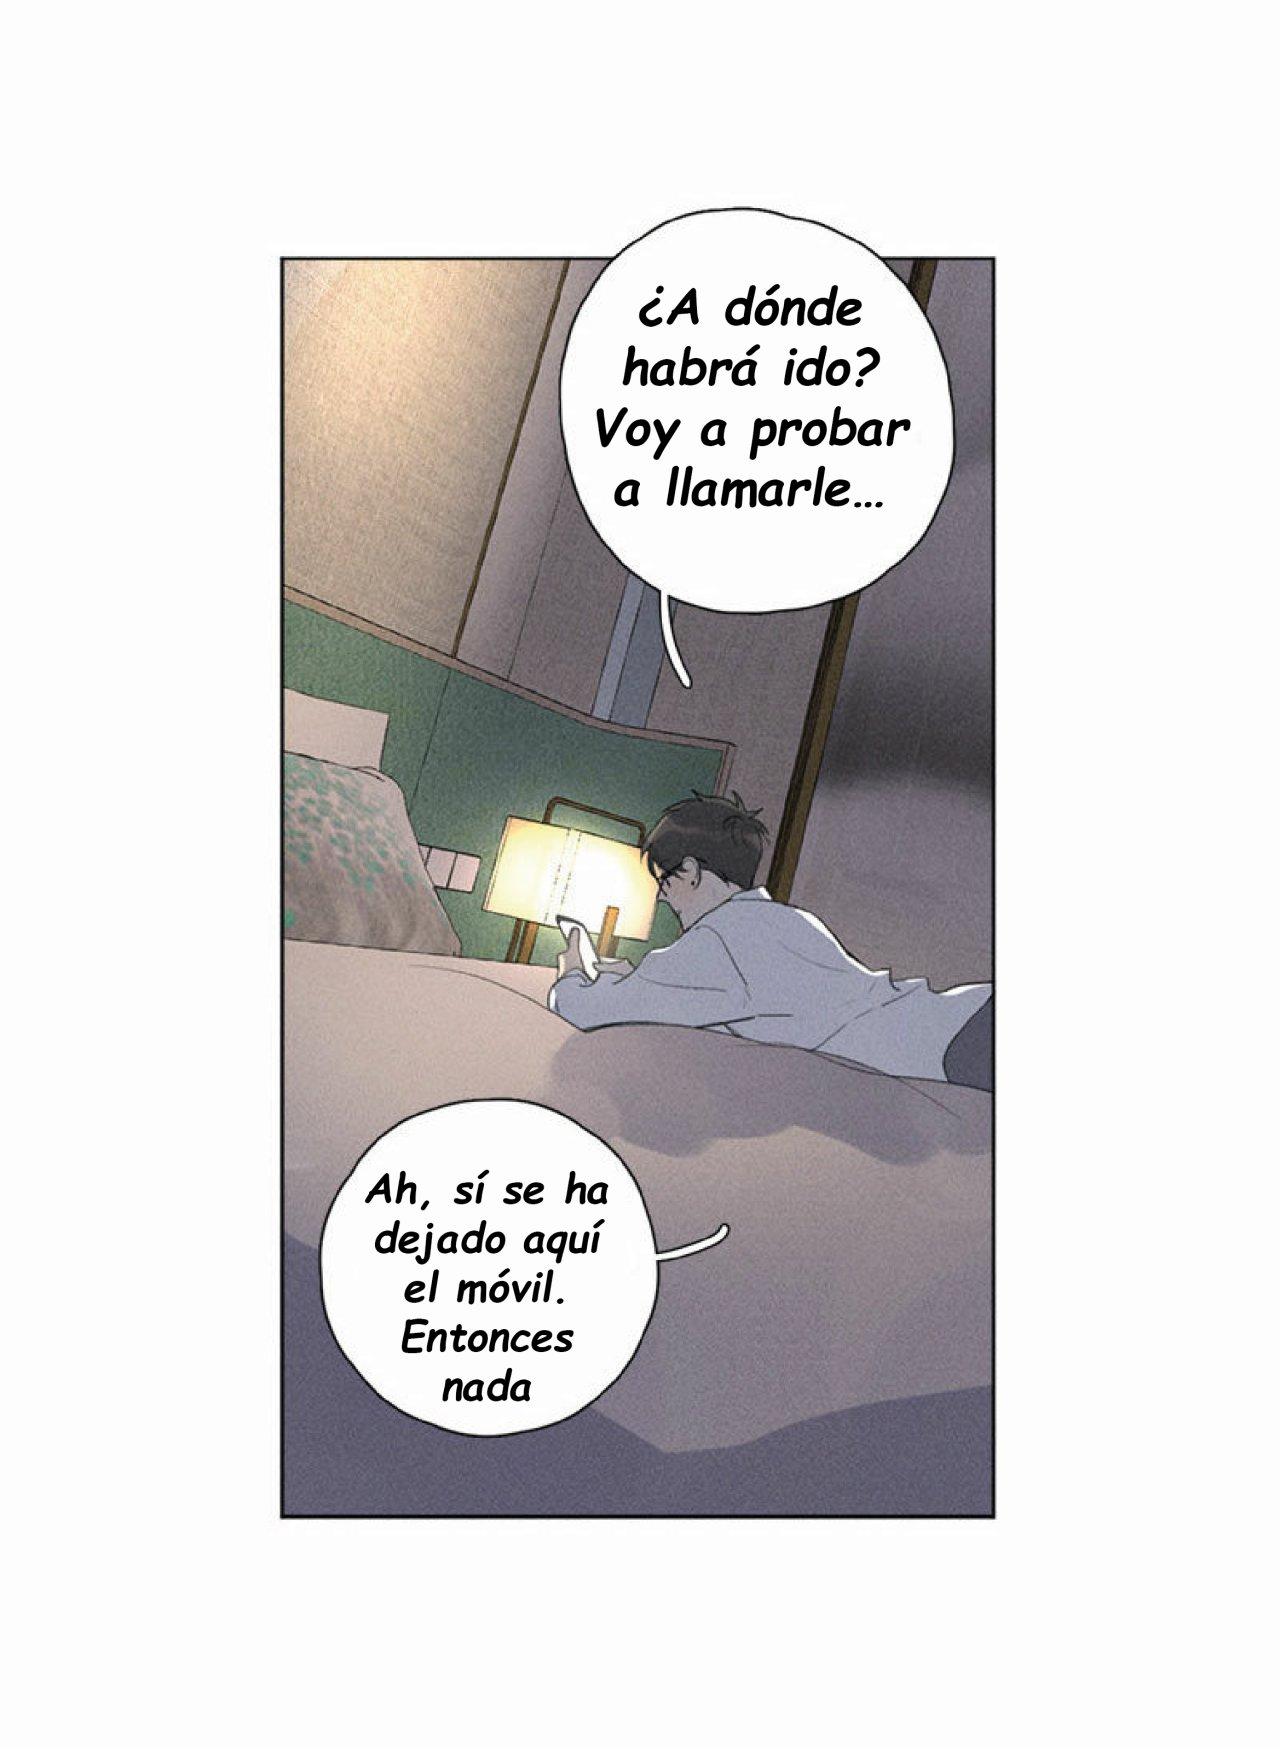 https://nine.mangadogs.com/es_manga/pic8/29/24925/946329/92420e6fbfb1ab3ecd4bc48b3bfe904b.jpg Page 44